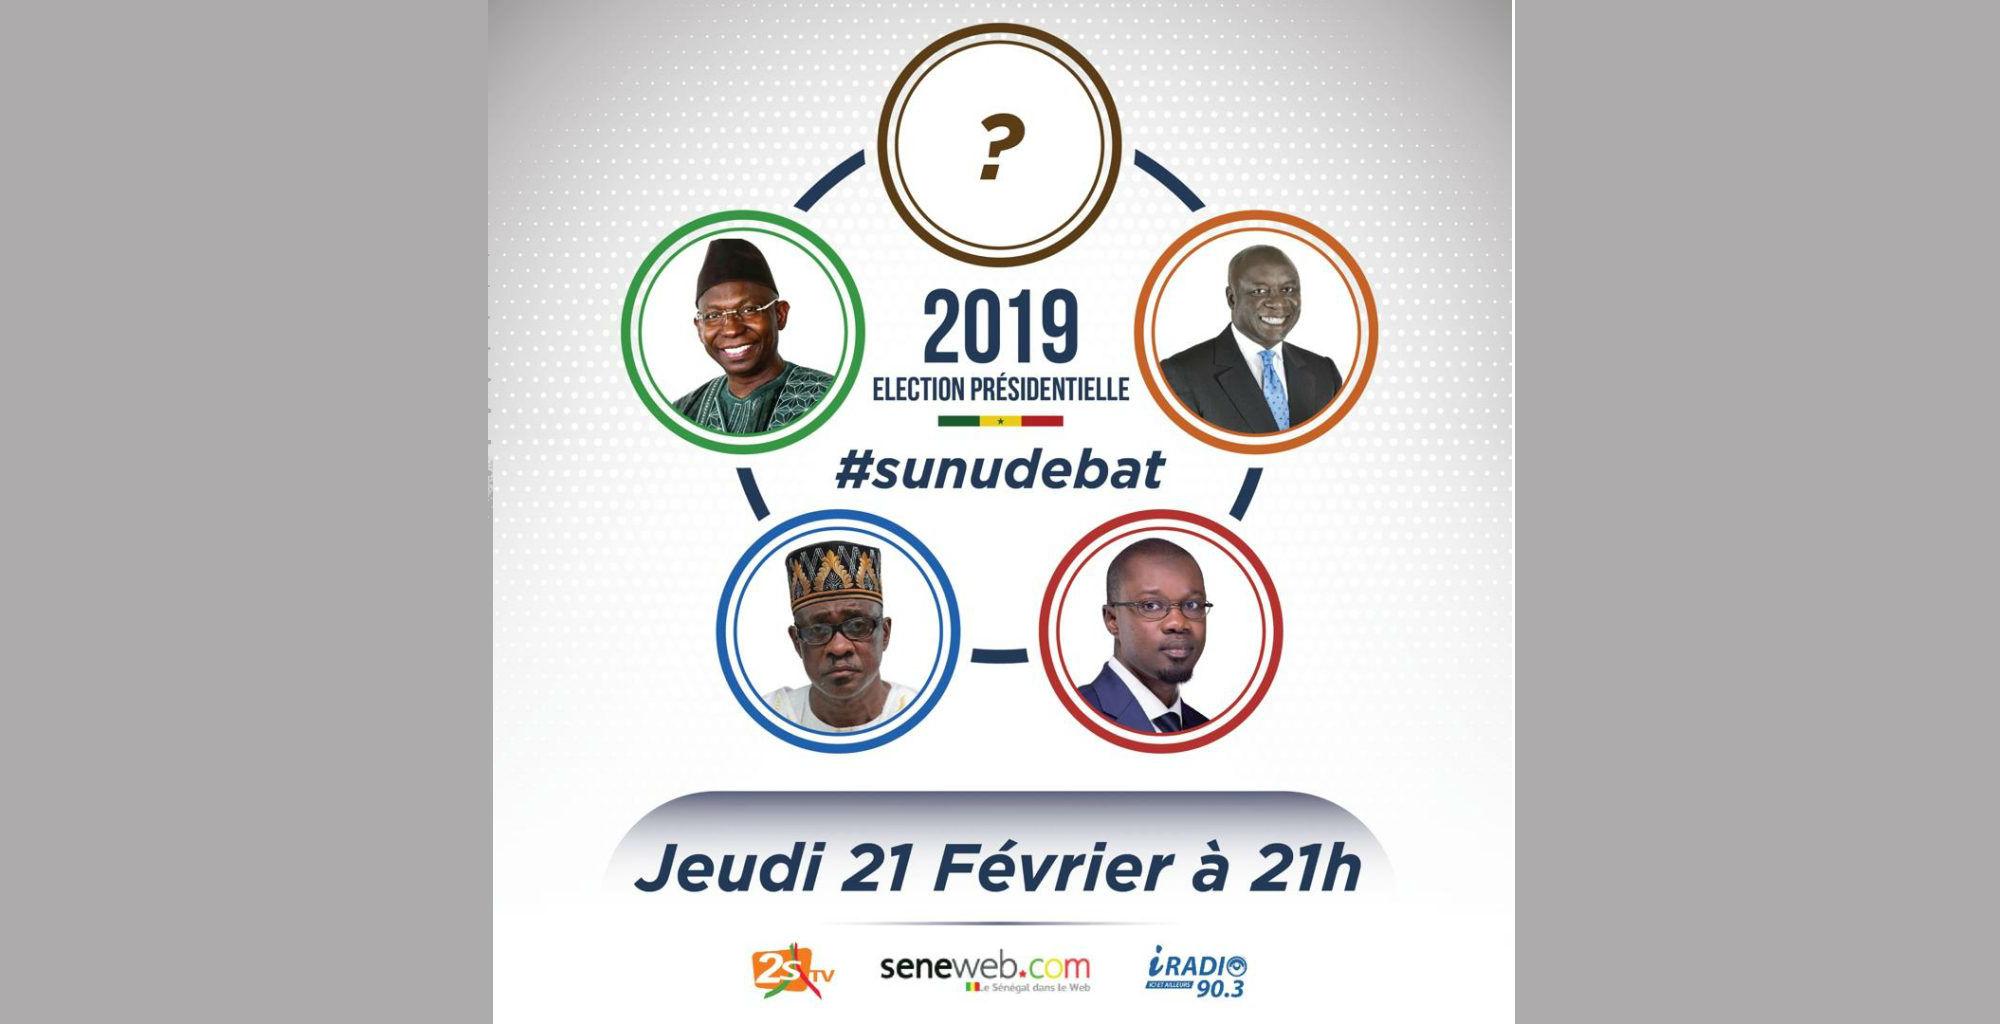 #SunuDébat devait initialement se tenir le jeudi 21 février à 21 heures.